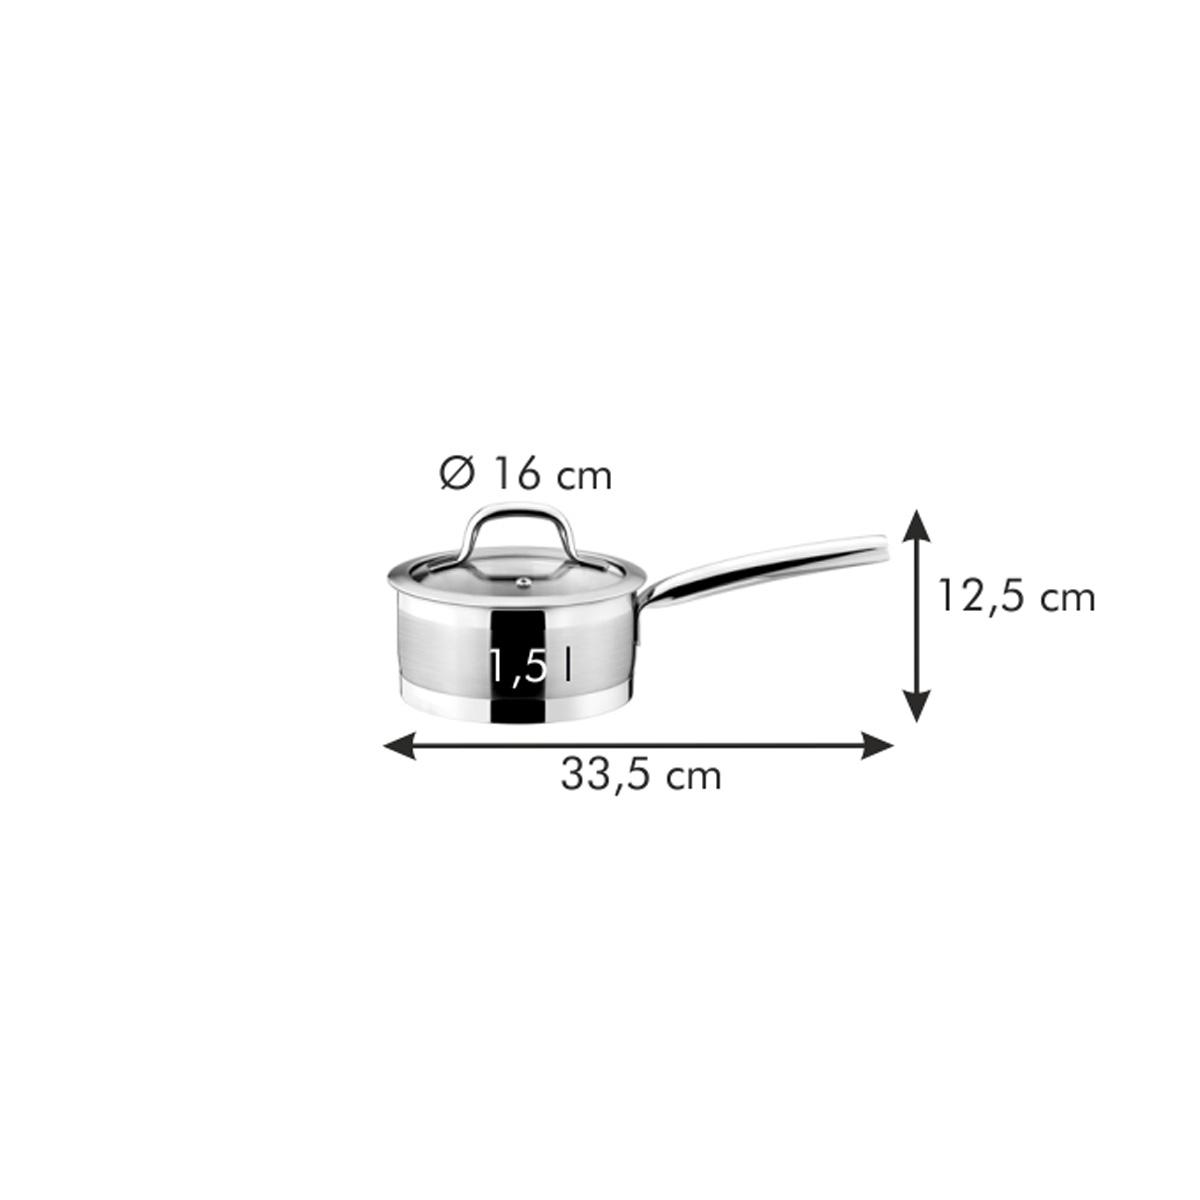 Rendlík PRESIDENT s poklicí ø 16 cm, 1.5 l